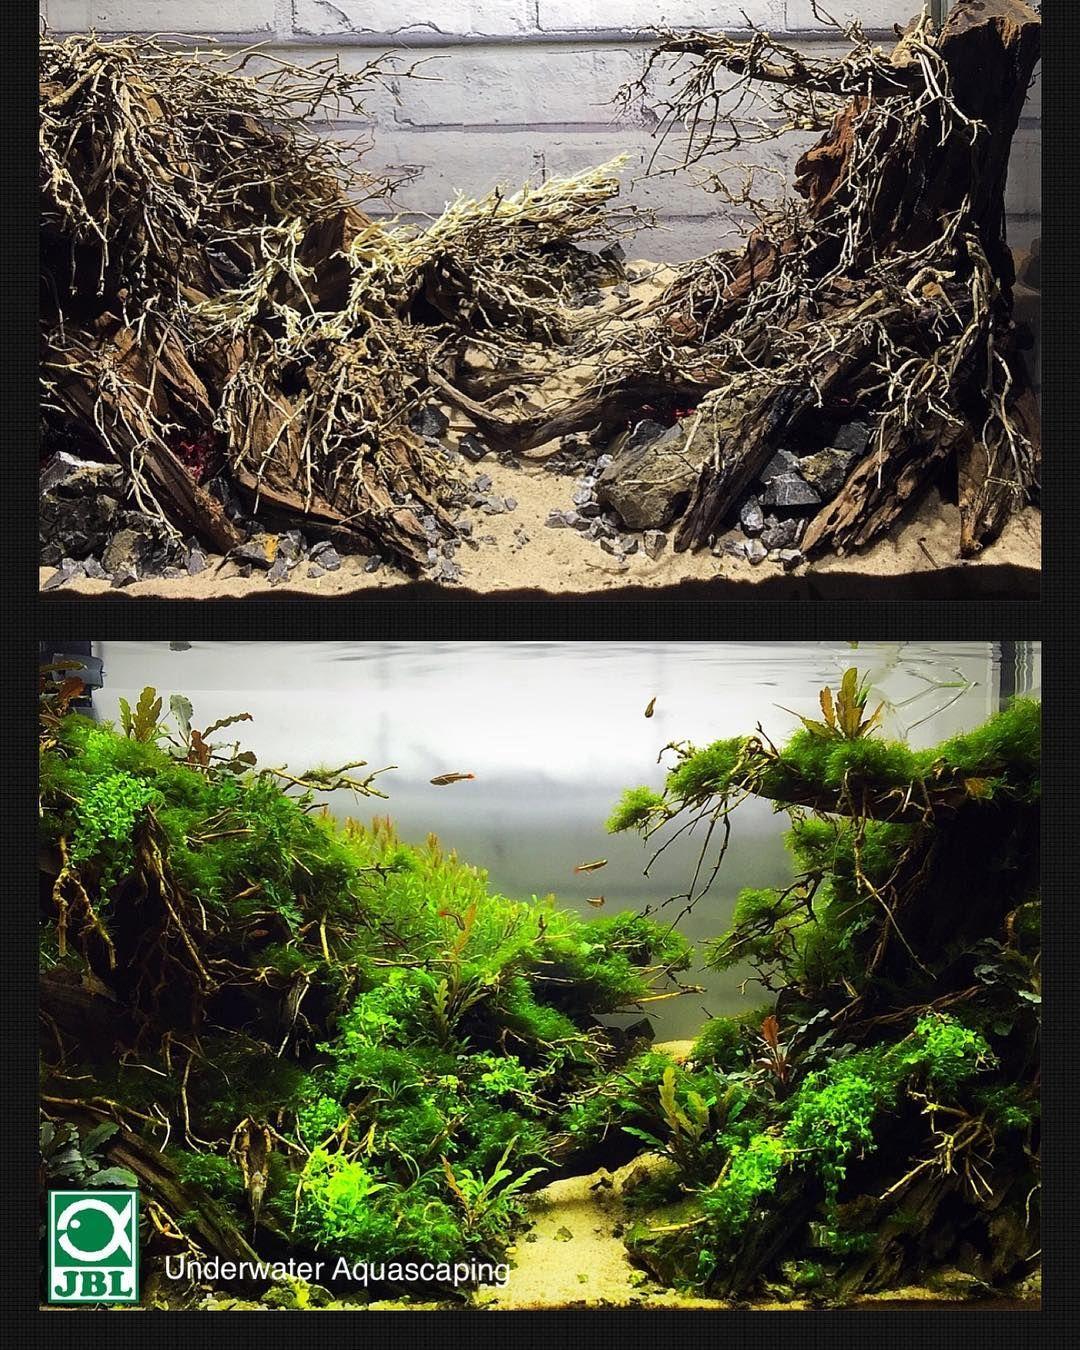 Naturalaquarium Aquascaping Jblpro Hardscape Underwateraquascaping Aquarium Landscape Aquarium Design Aquascape Aquarium